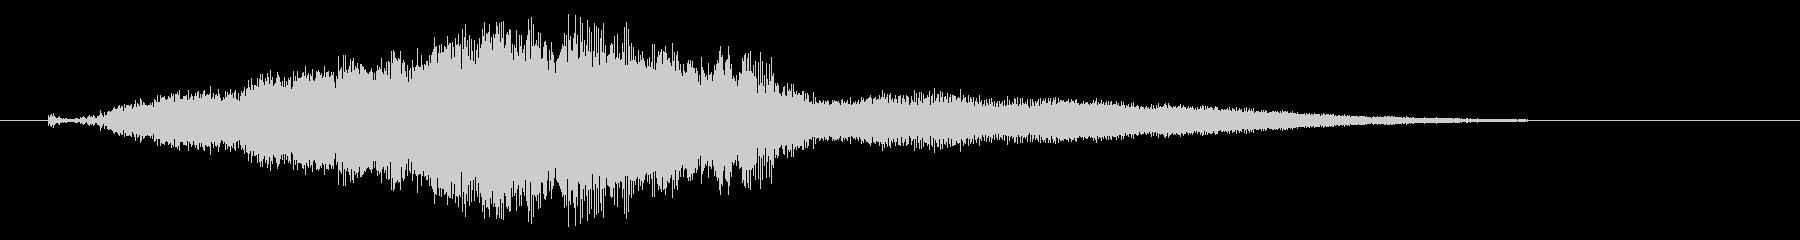 ドラッグボート;スタート/バイ、C...の未再生の波形